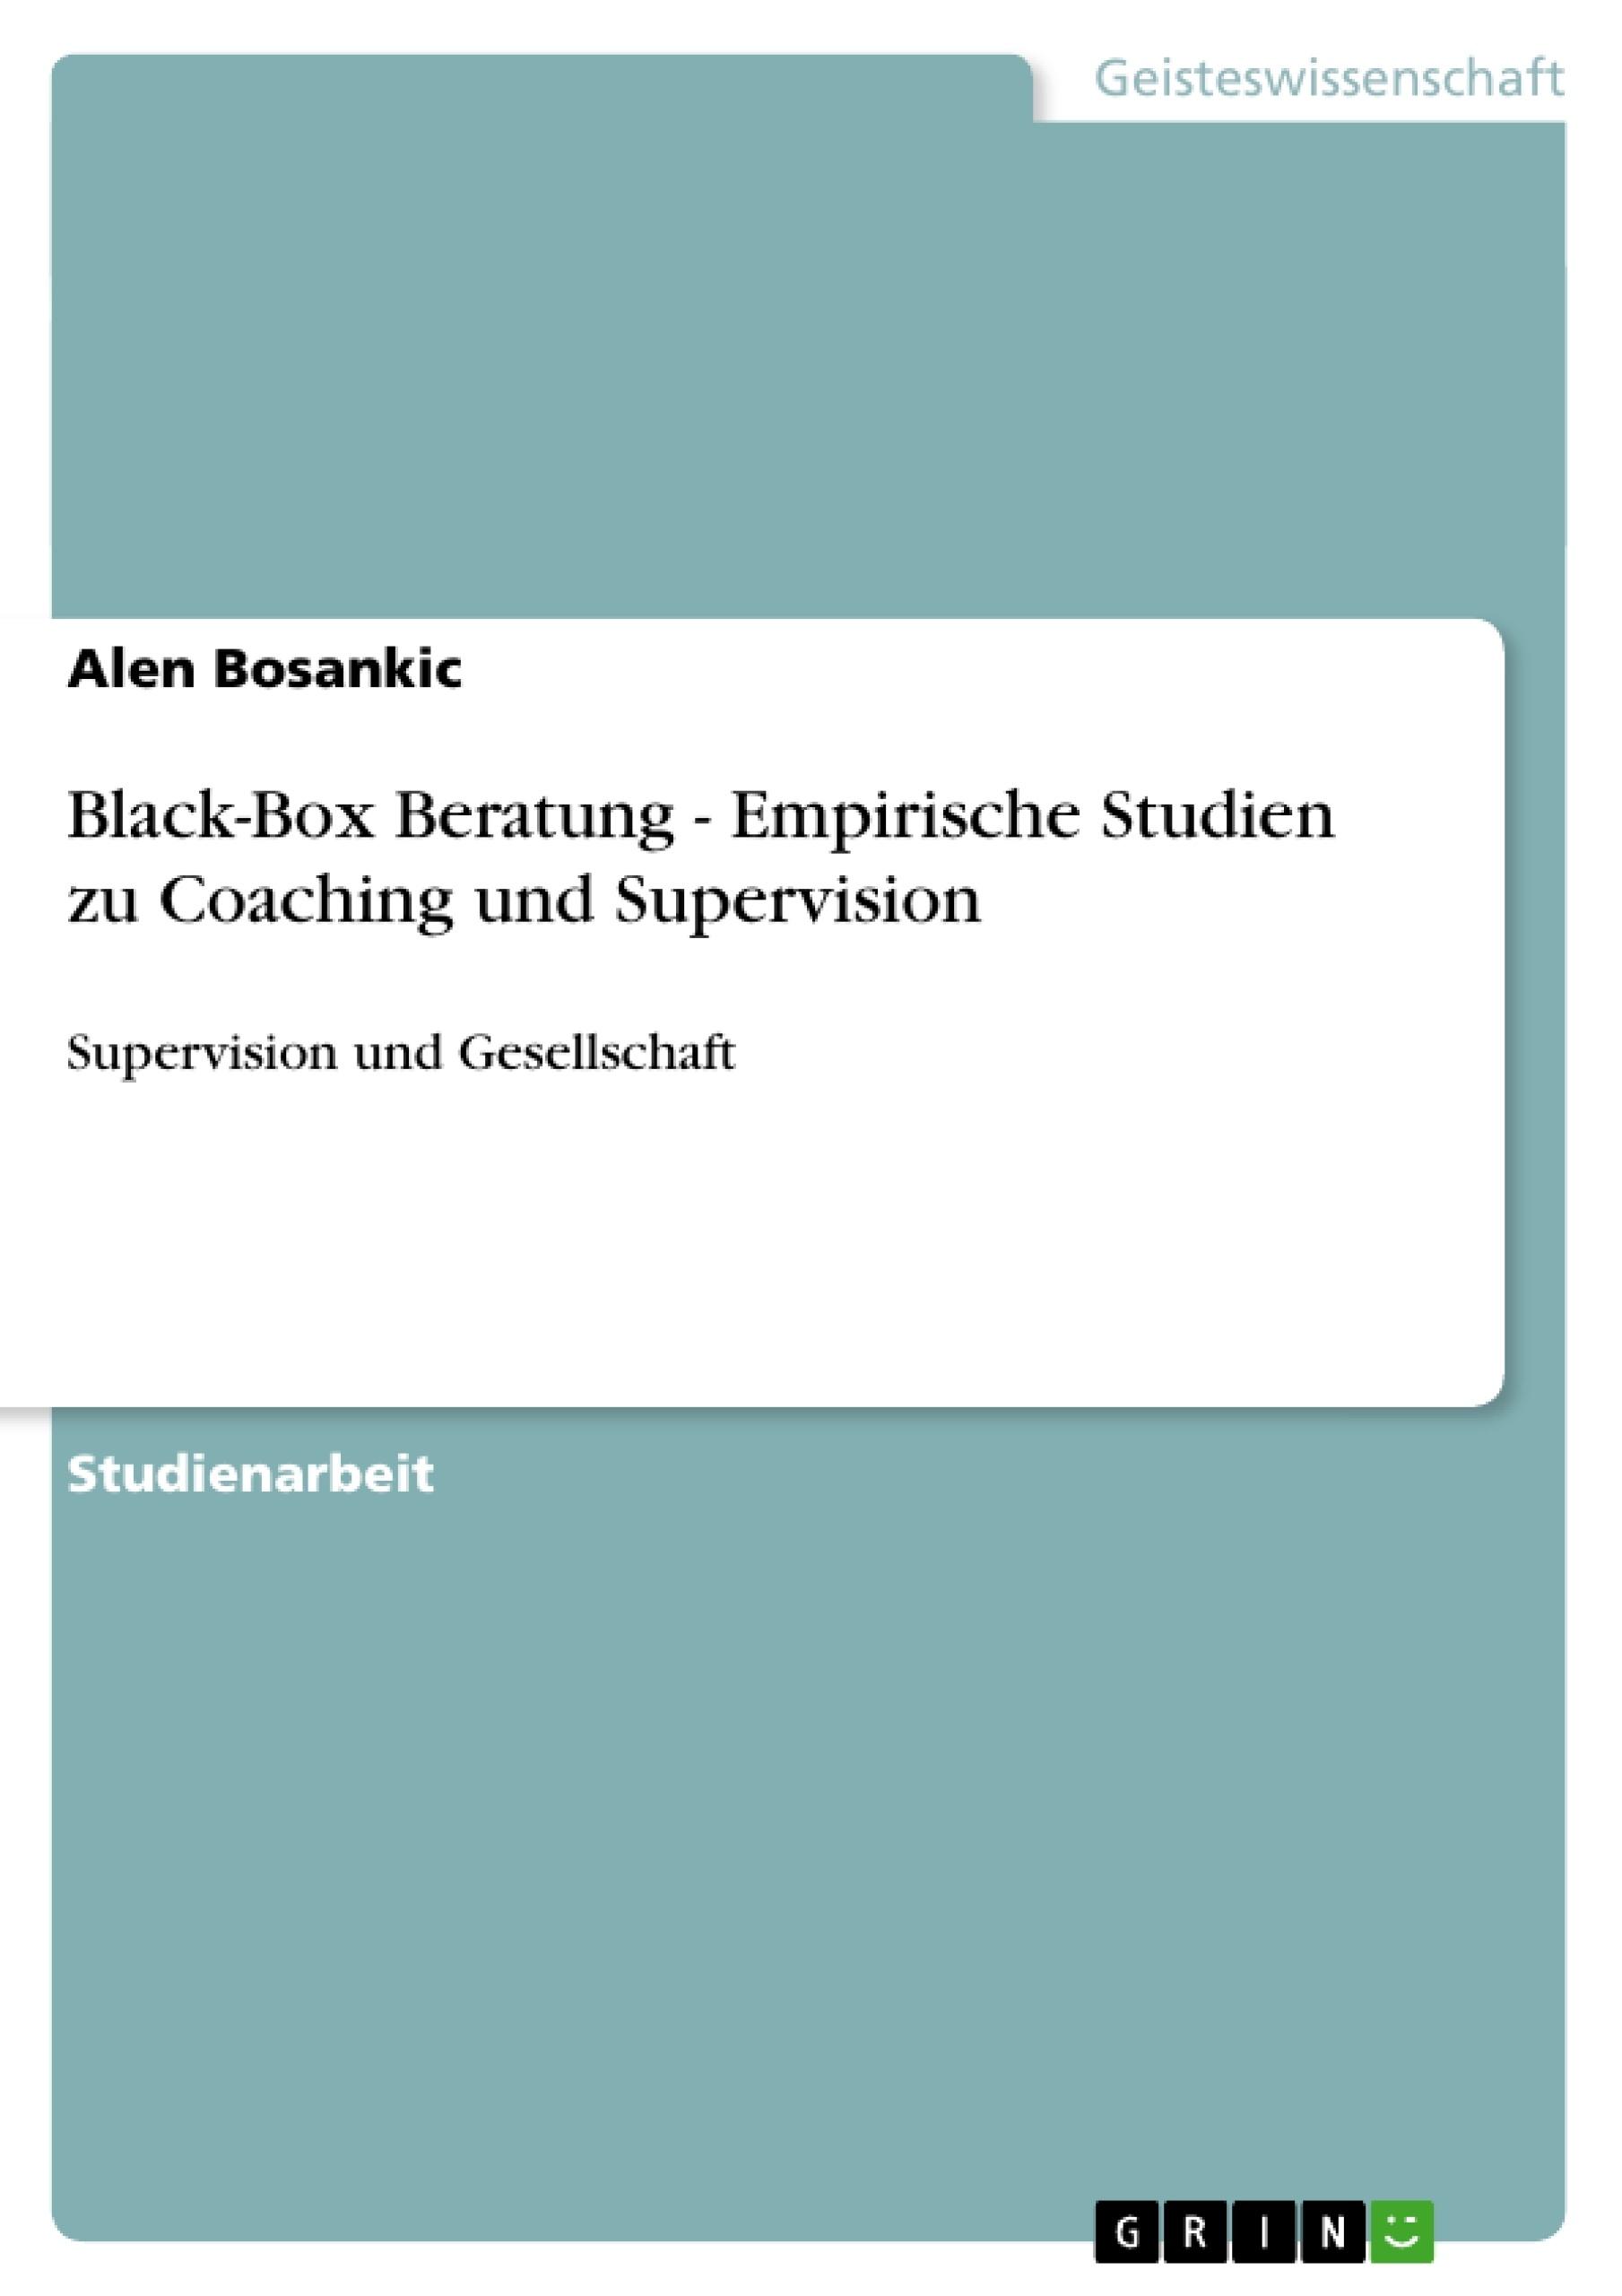 Titel: Black-Box Beratung - Empirische Studien zu Coaching und Supervision